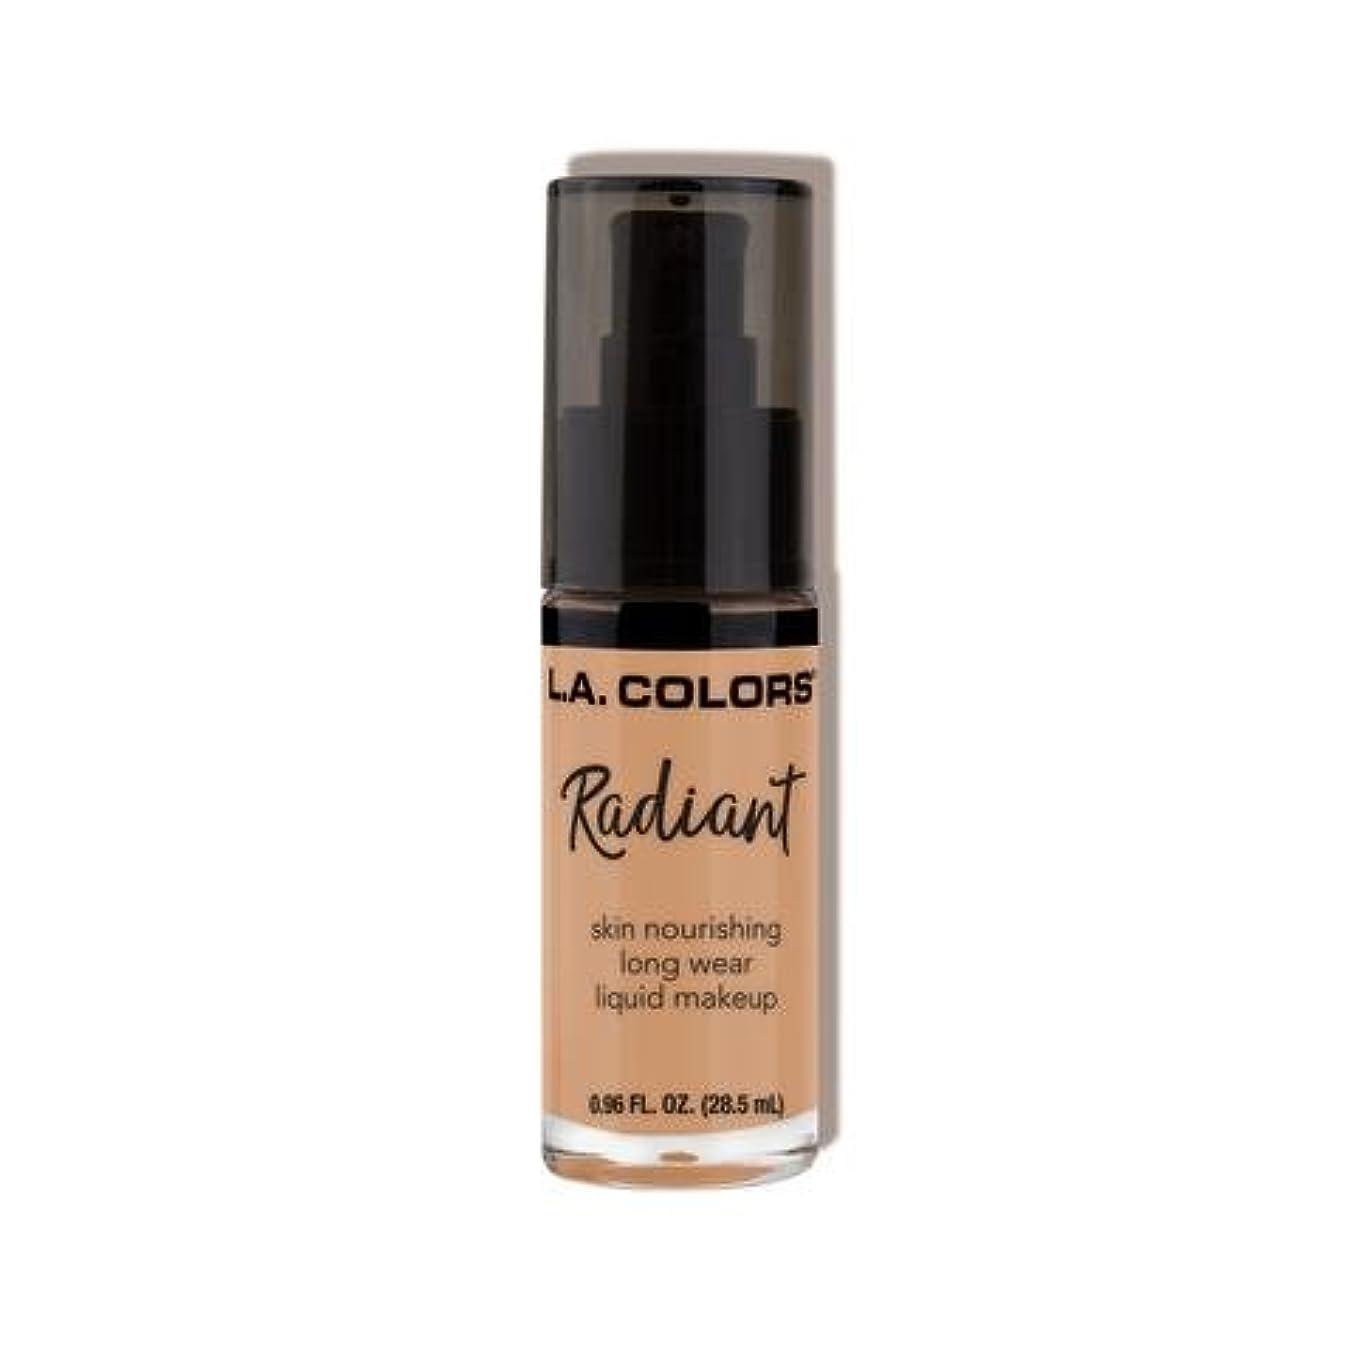 例外栄光の素敵な(6 Pack) L.A. COLORS Radiant Liquid Makeup - Light Tan (並行輸入品)